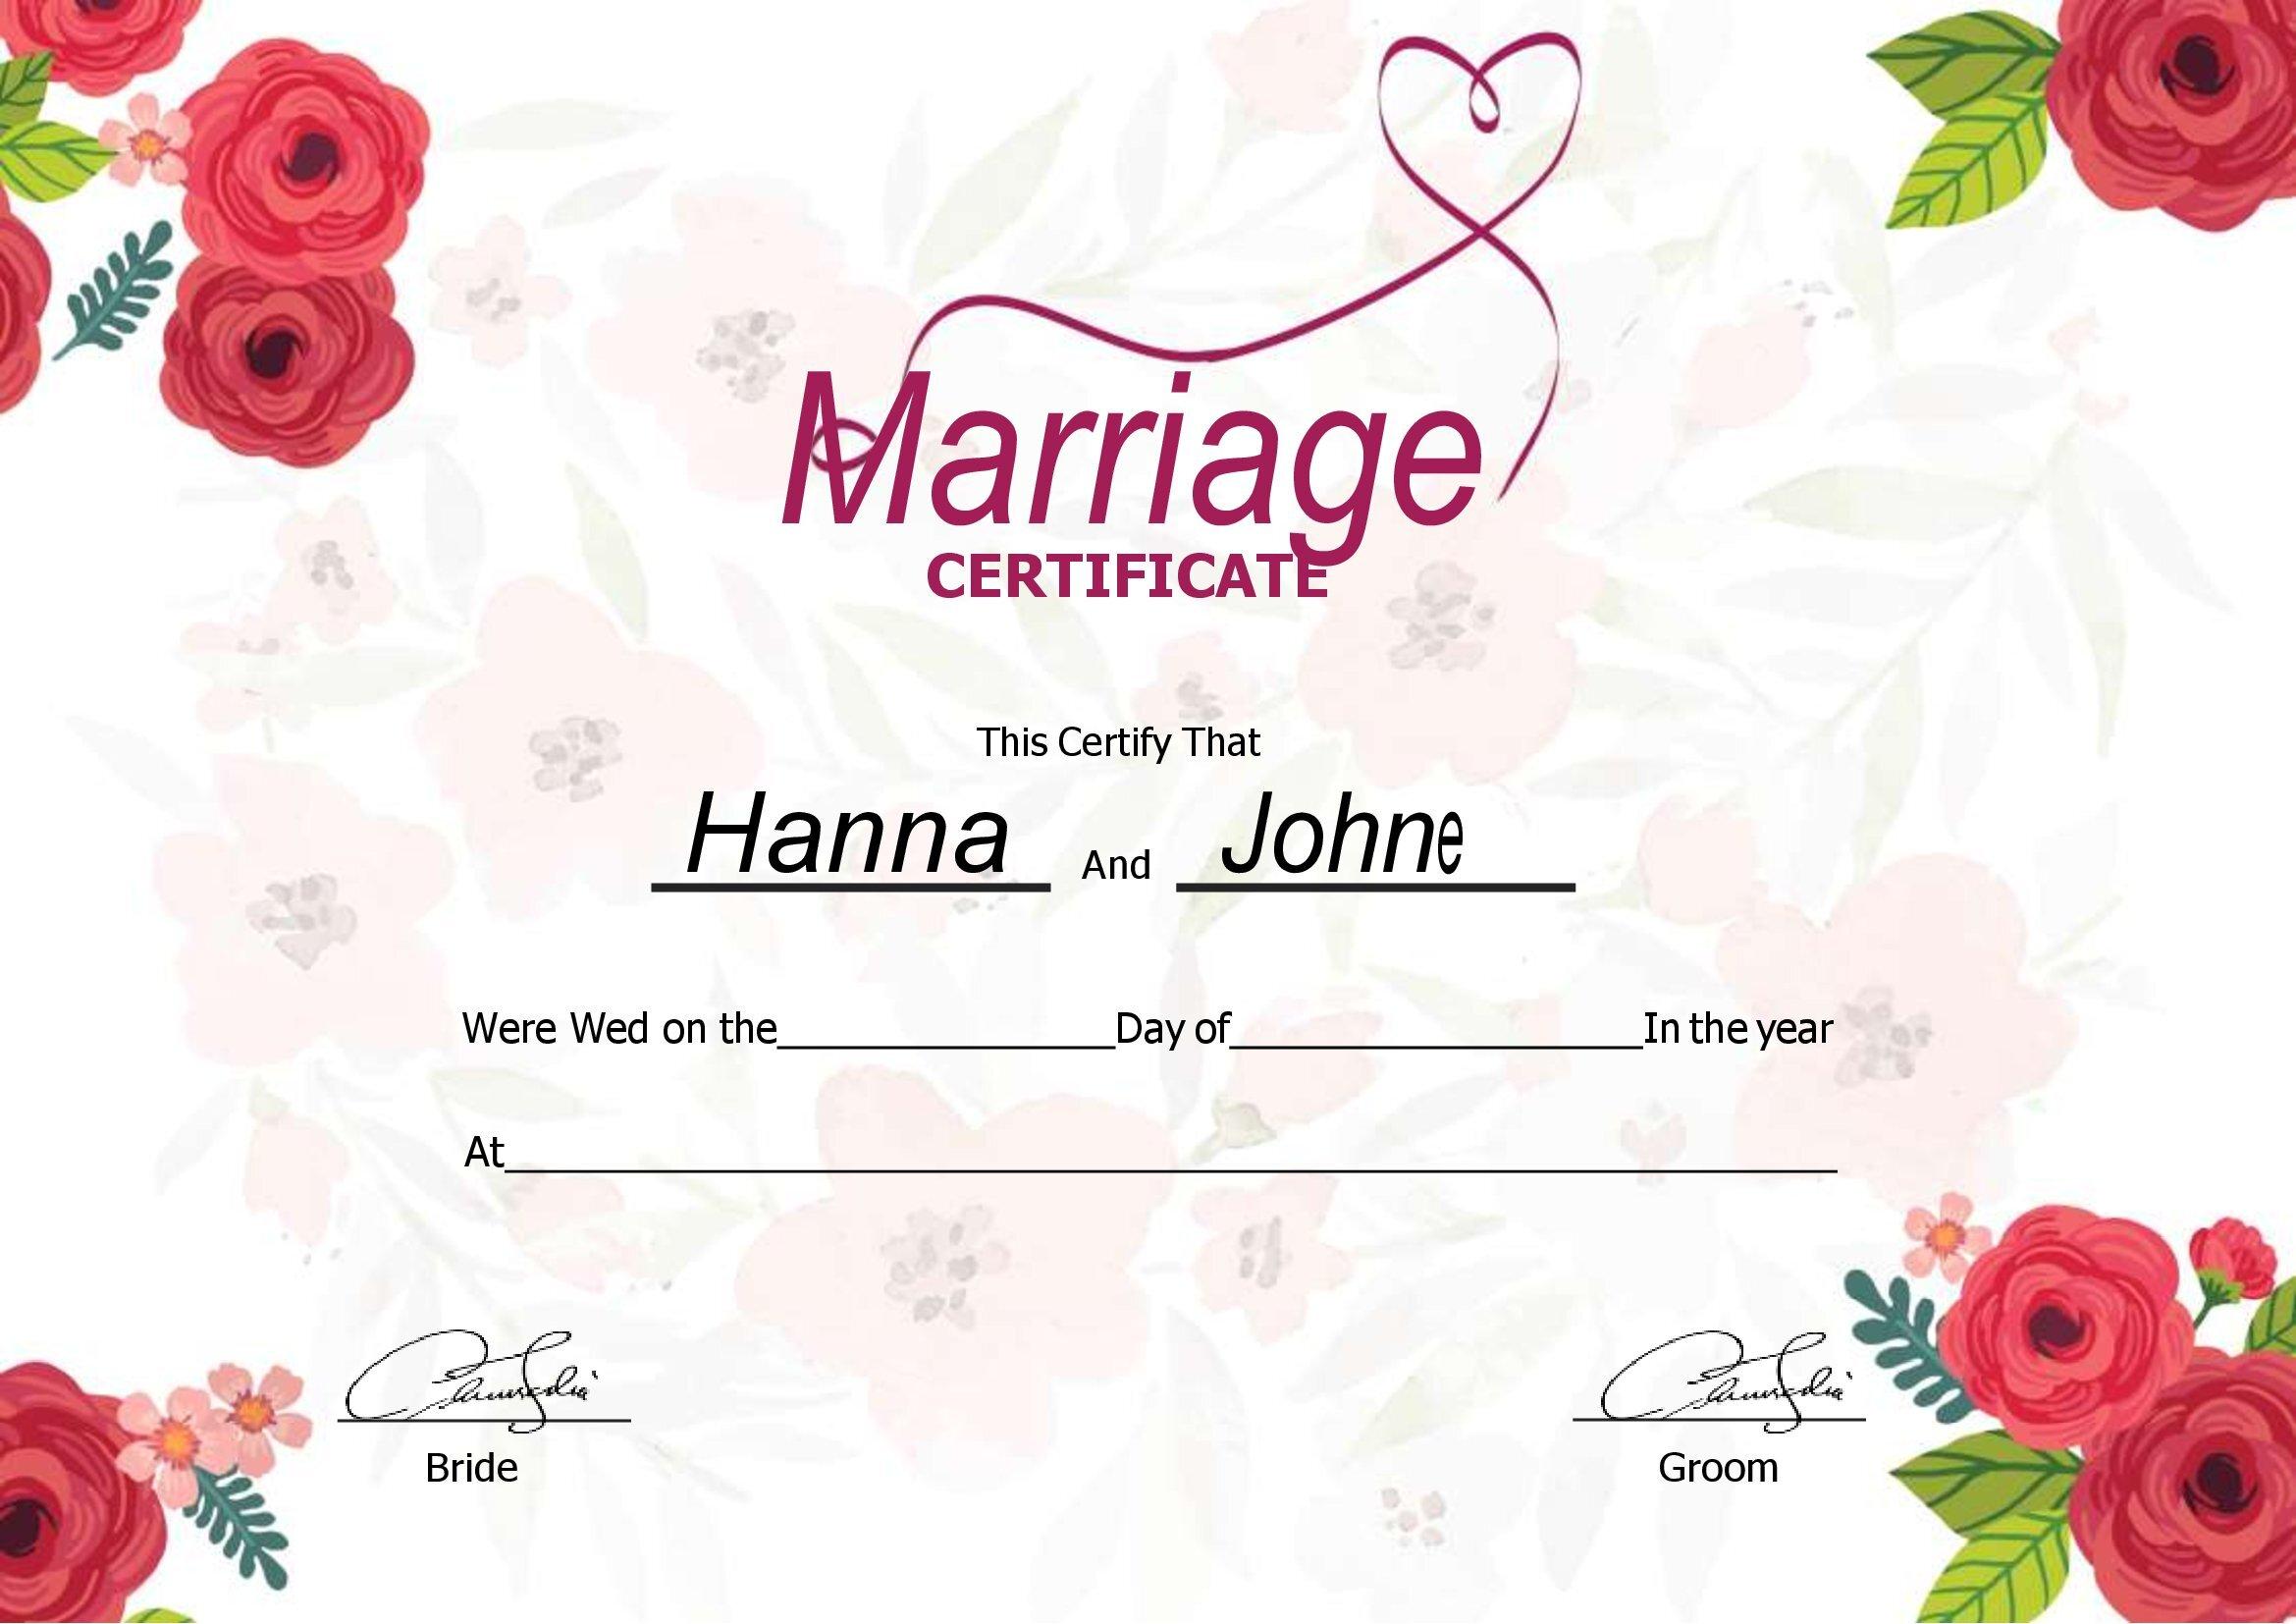 Certificado Certidão De Casamento Para Editar No Word